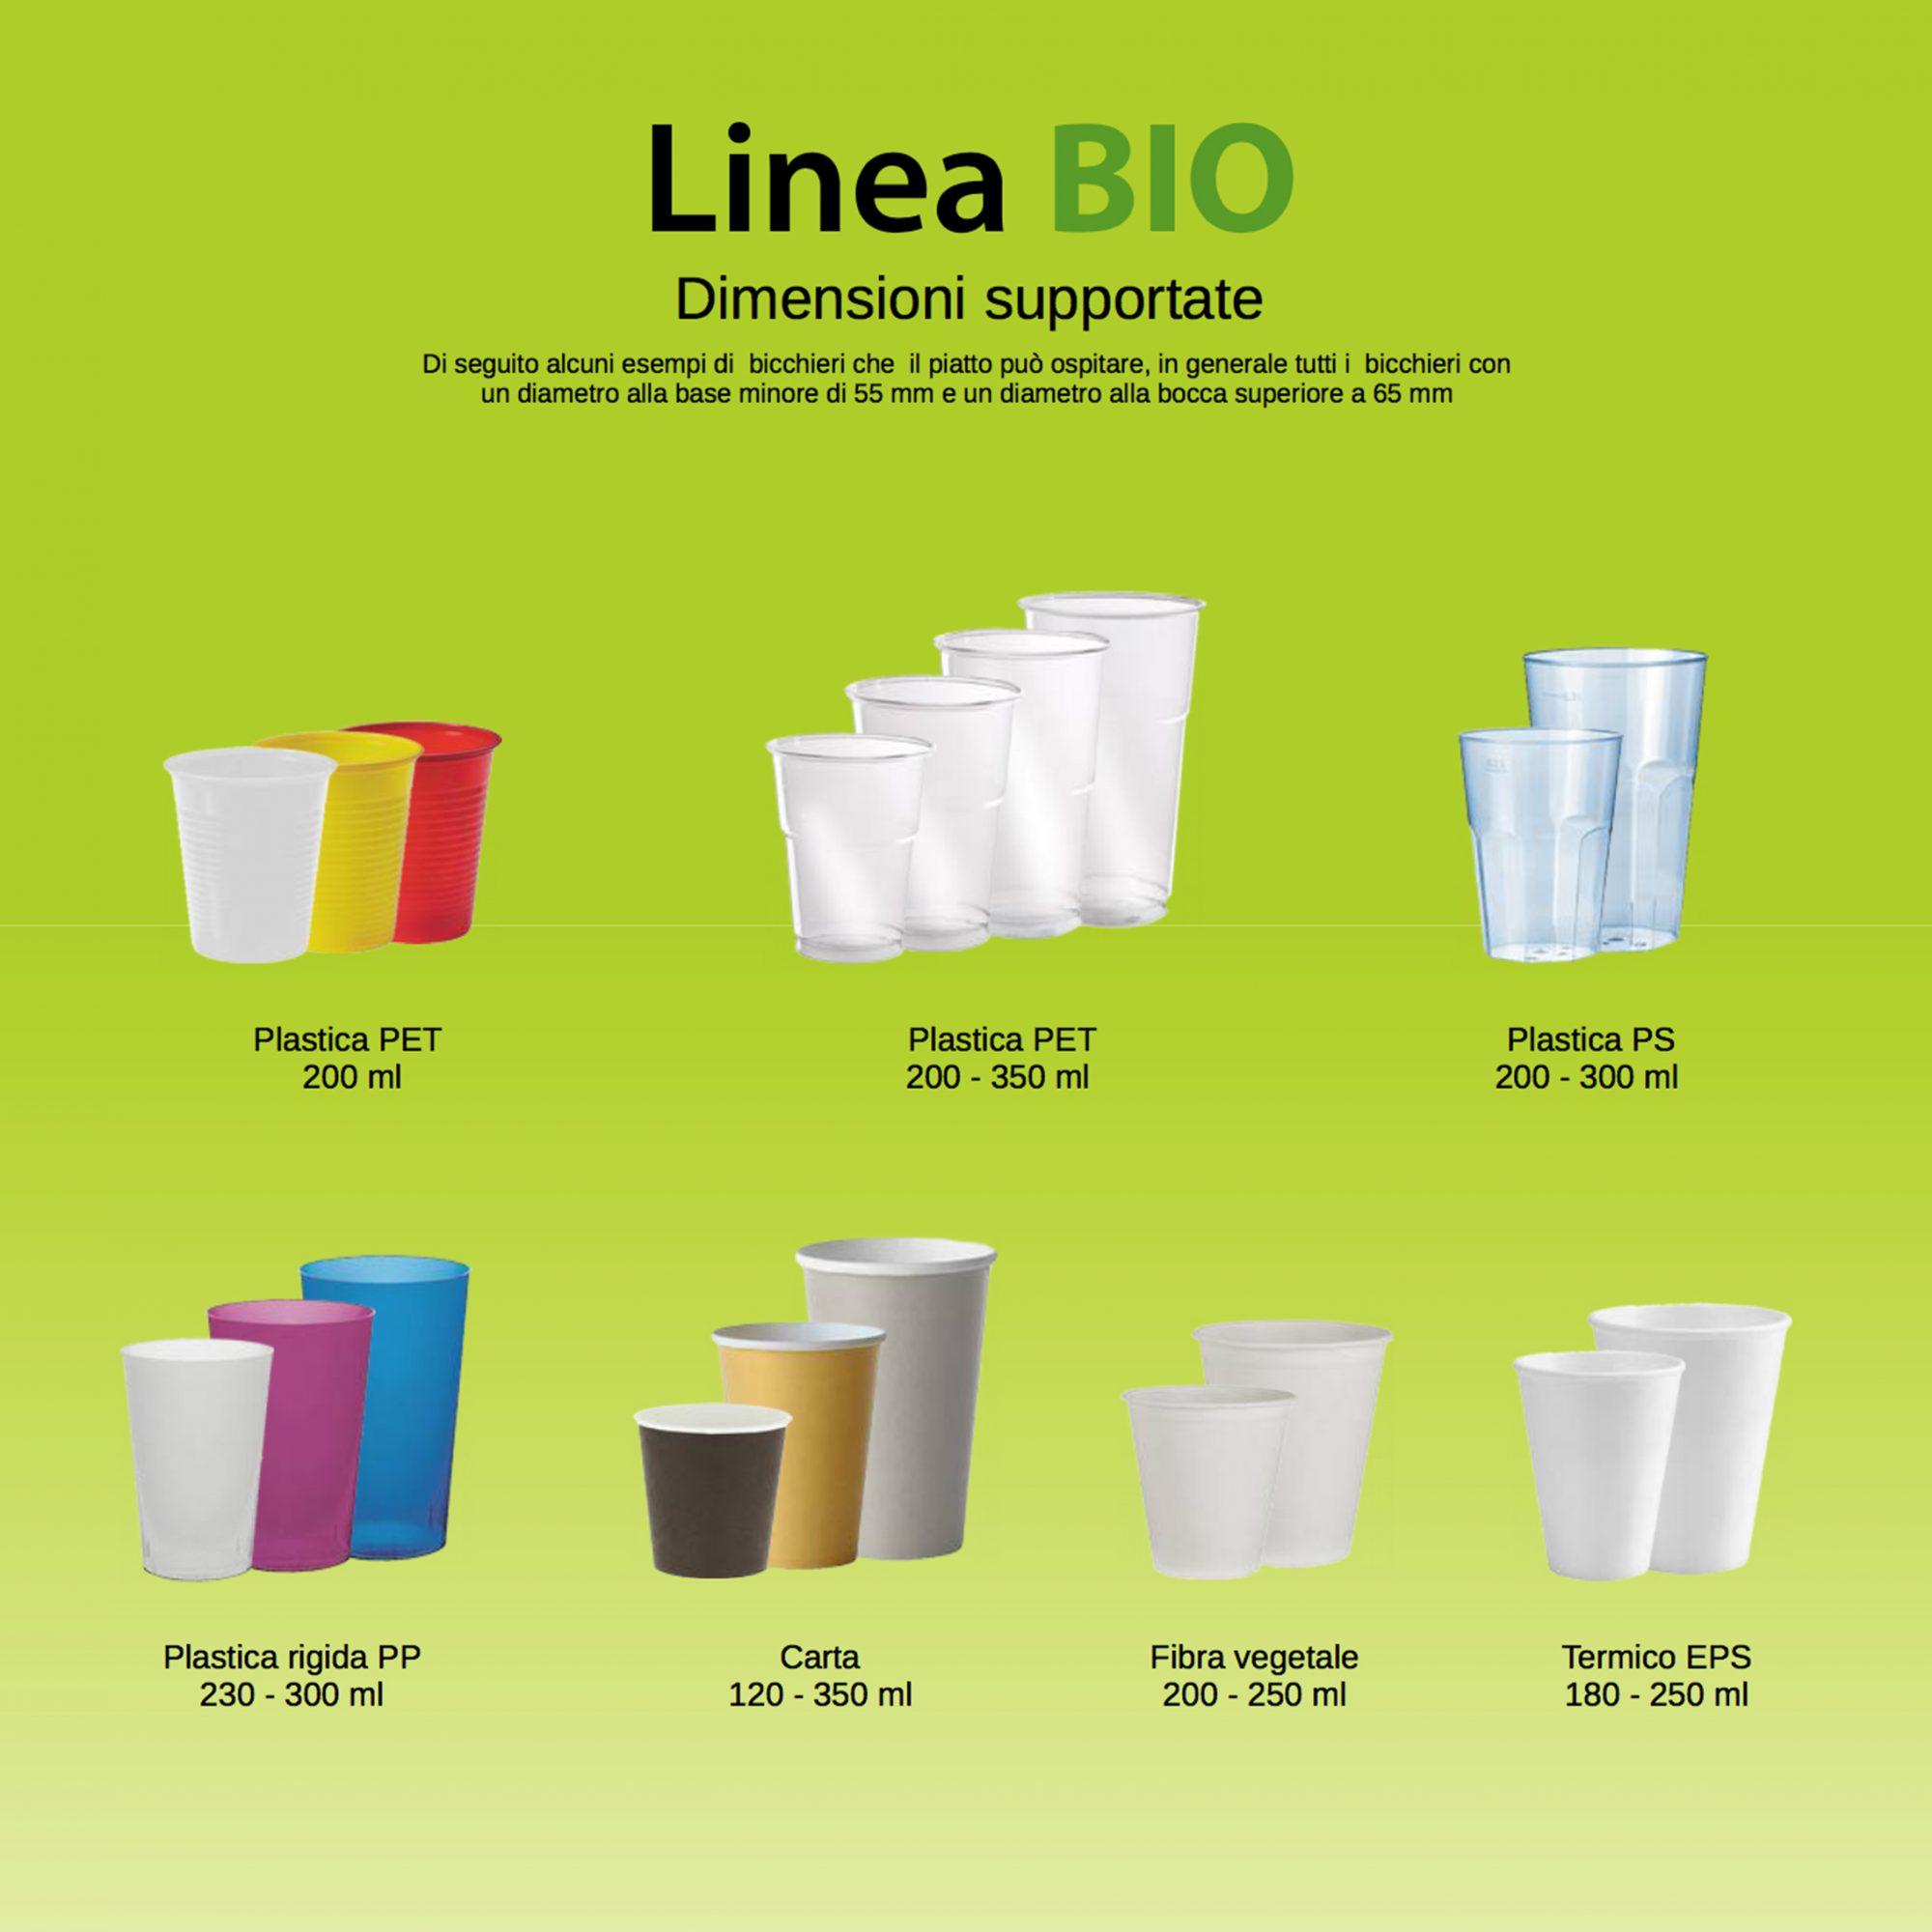 Linea BIO compostabile riciclabile